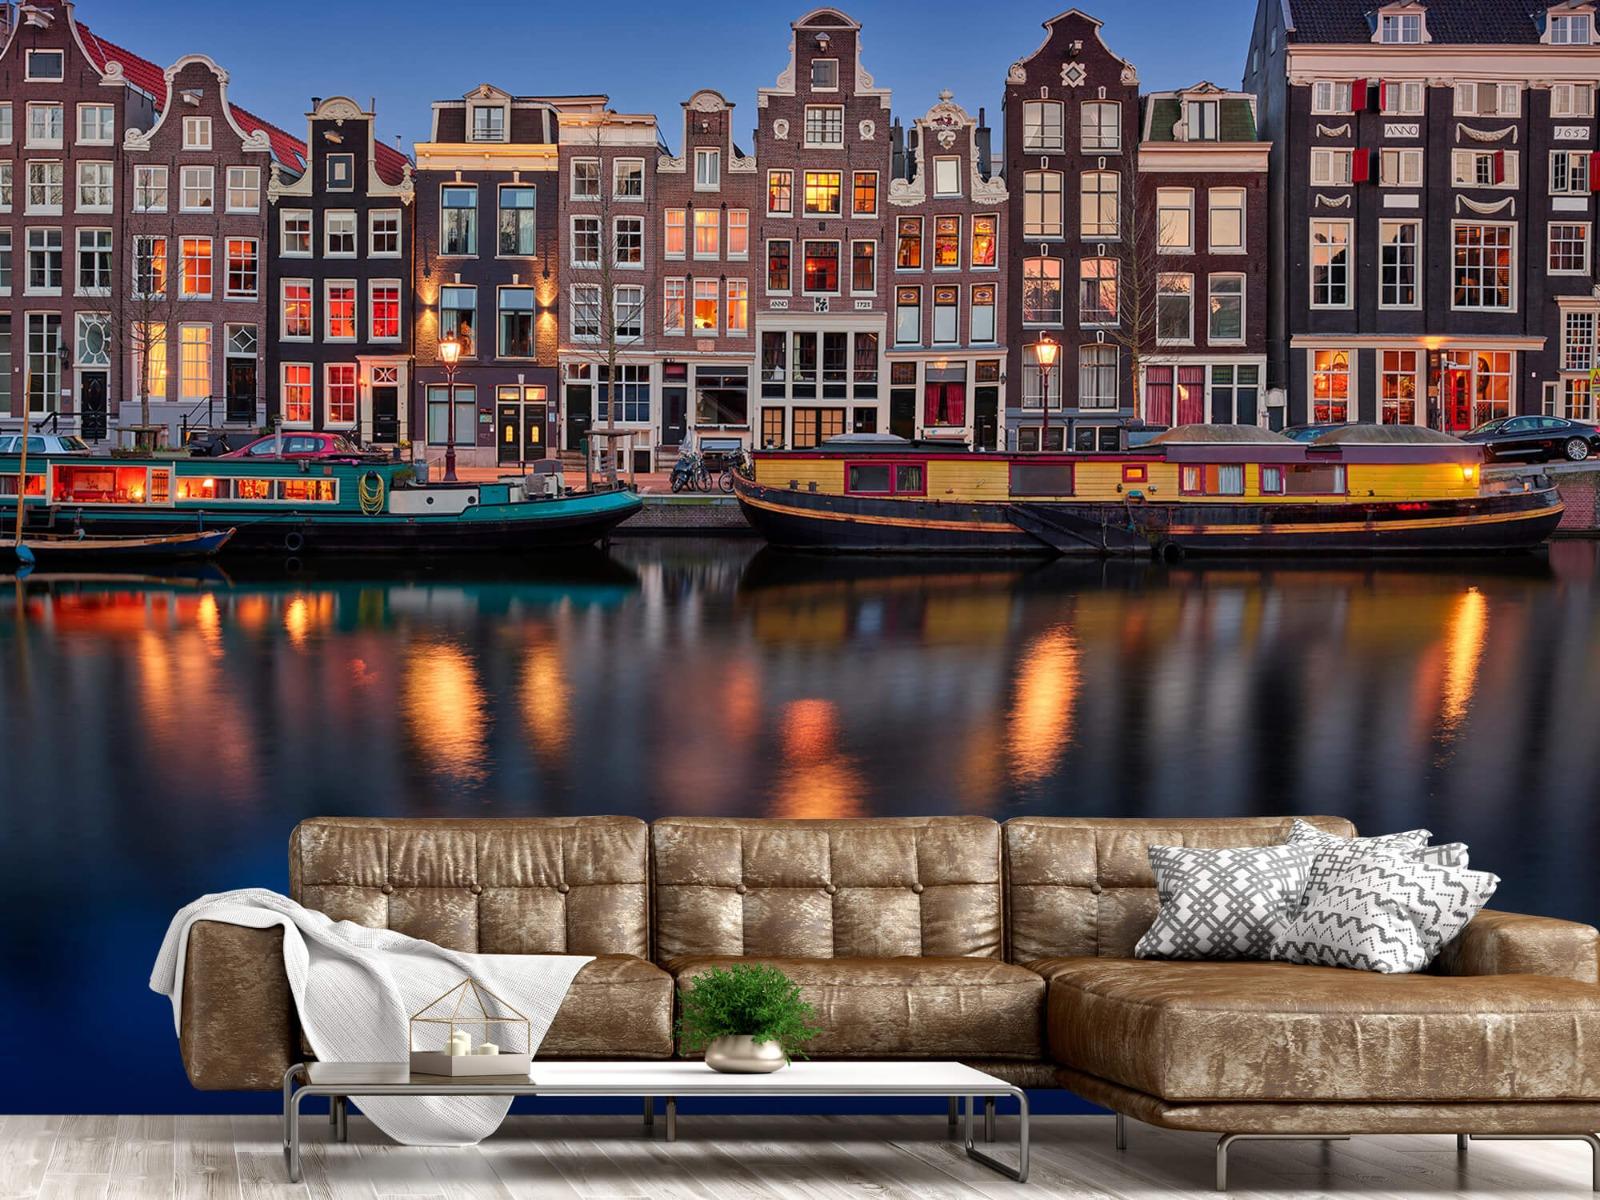 Architectuur - Grachtenpanden Amsterdam - Tienerkamer 14